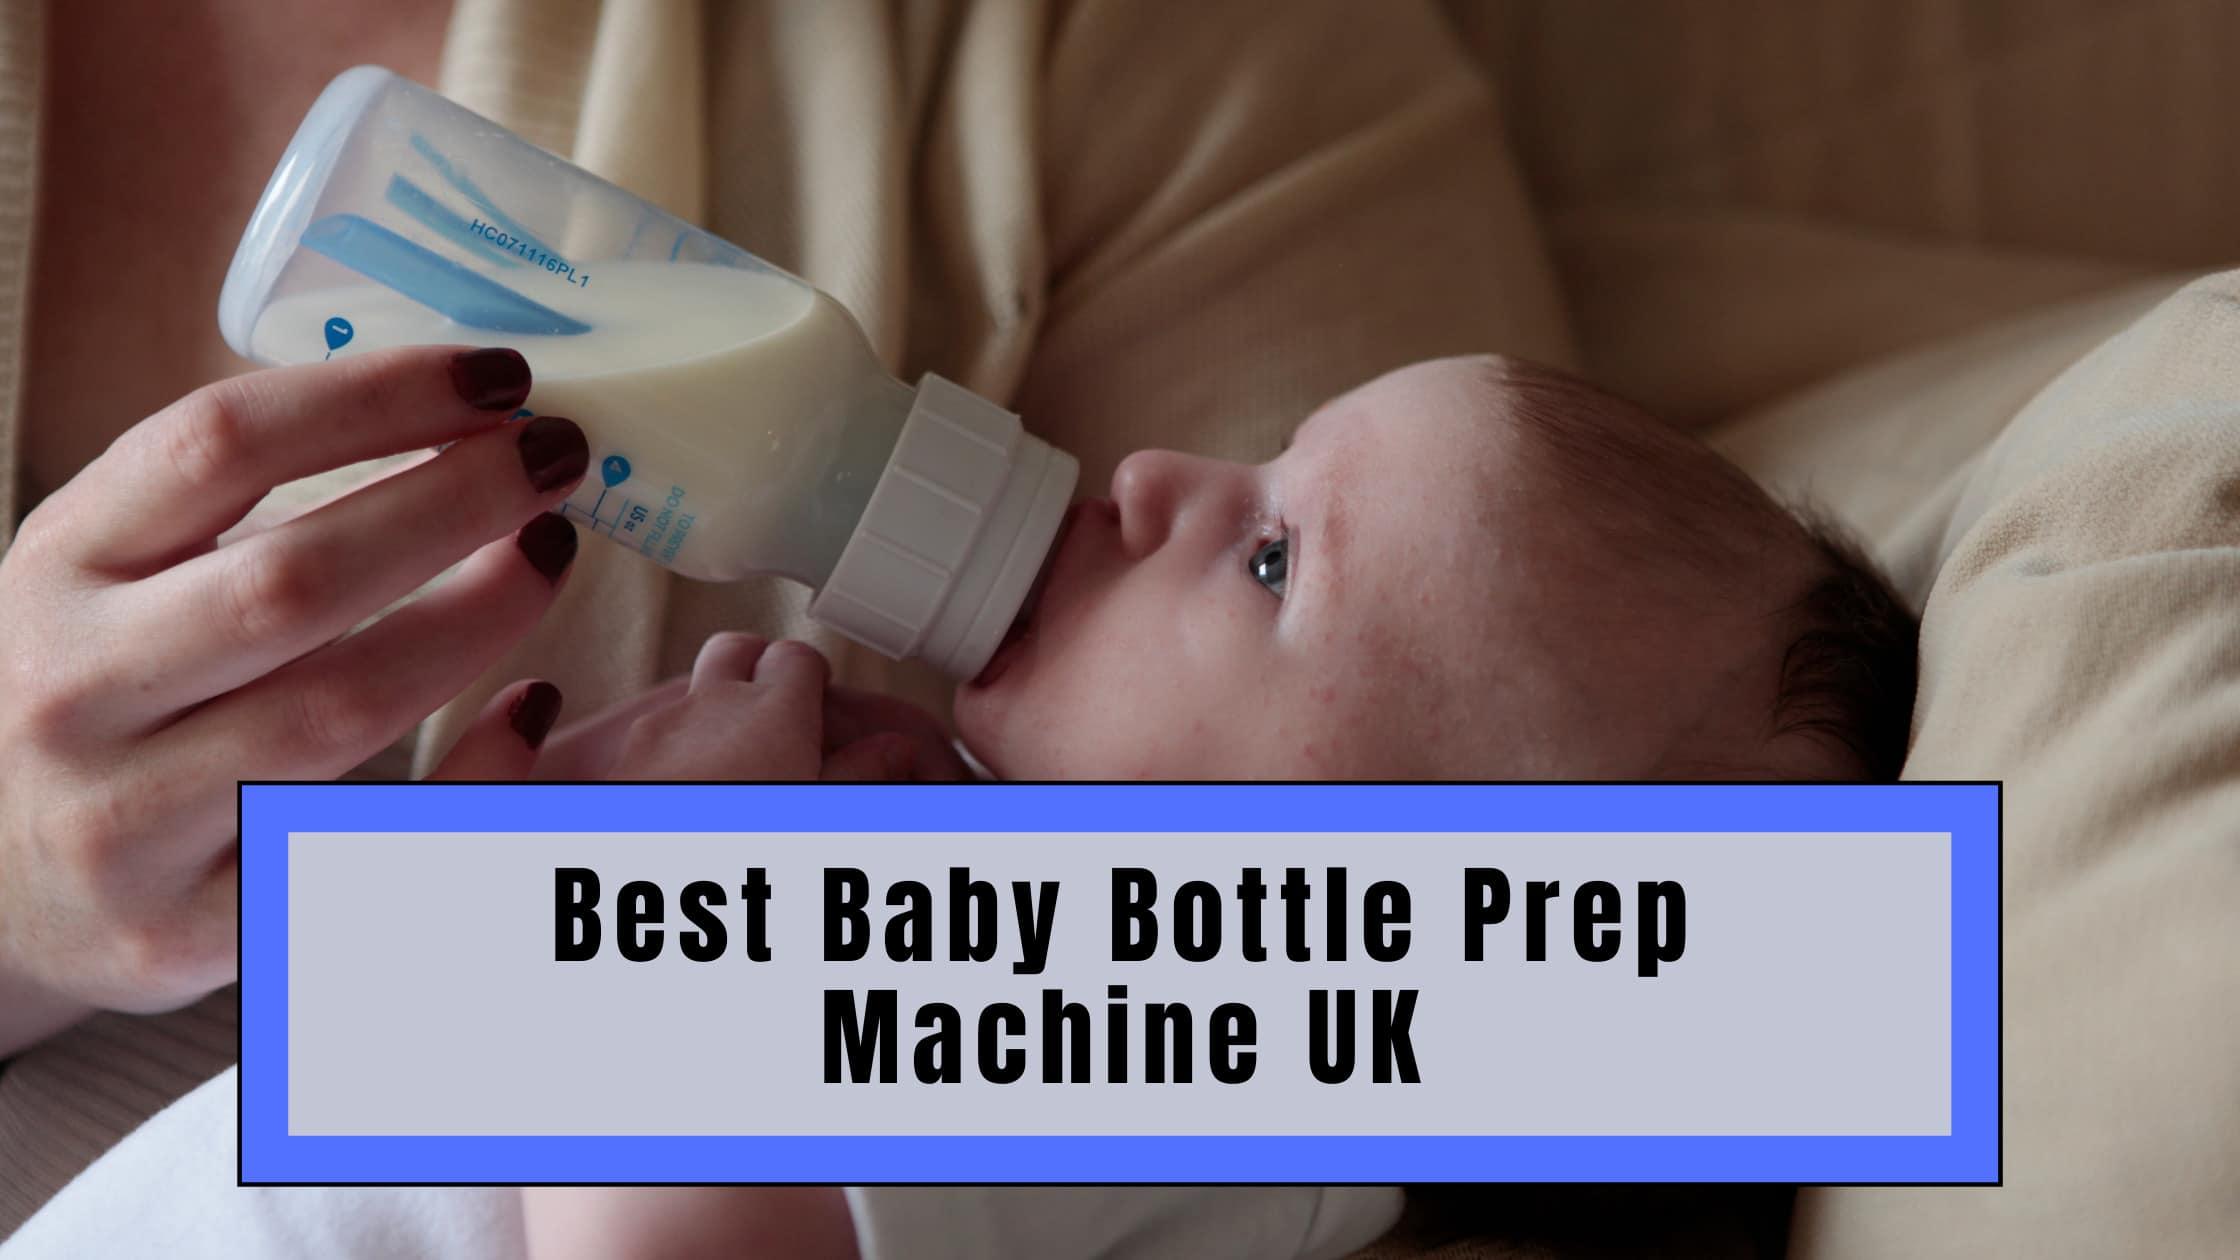 Best Baby Bottle Prep Machine UK